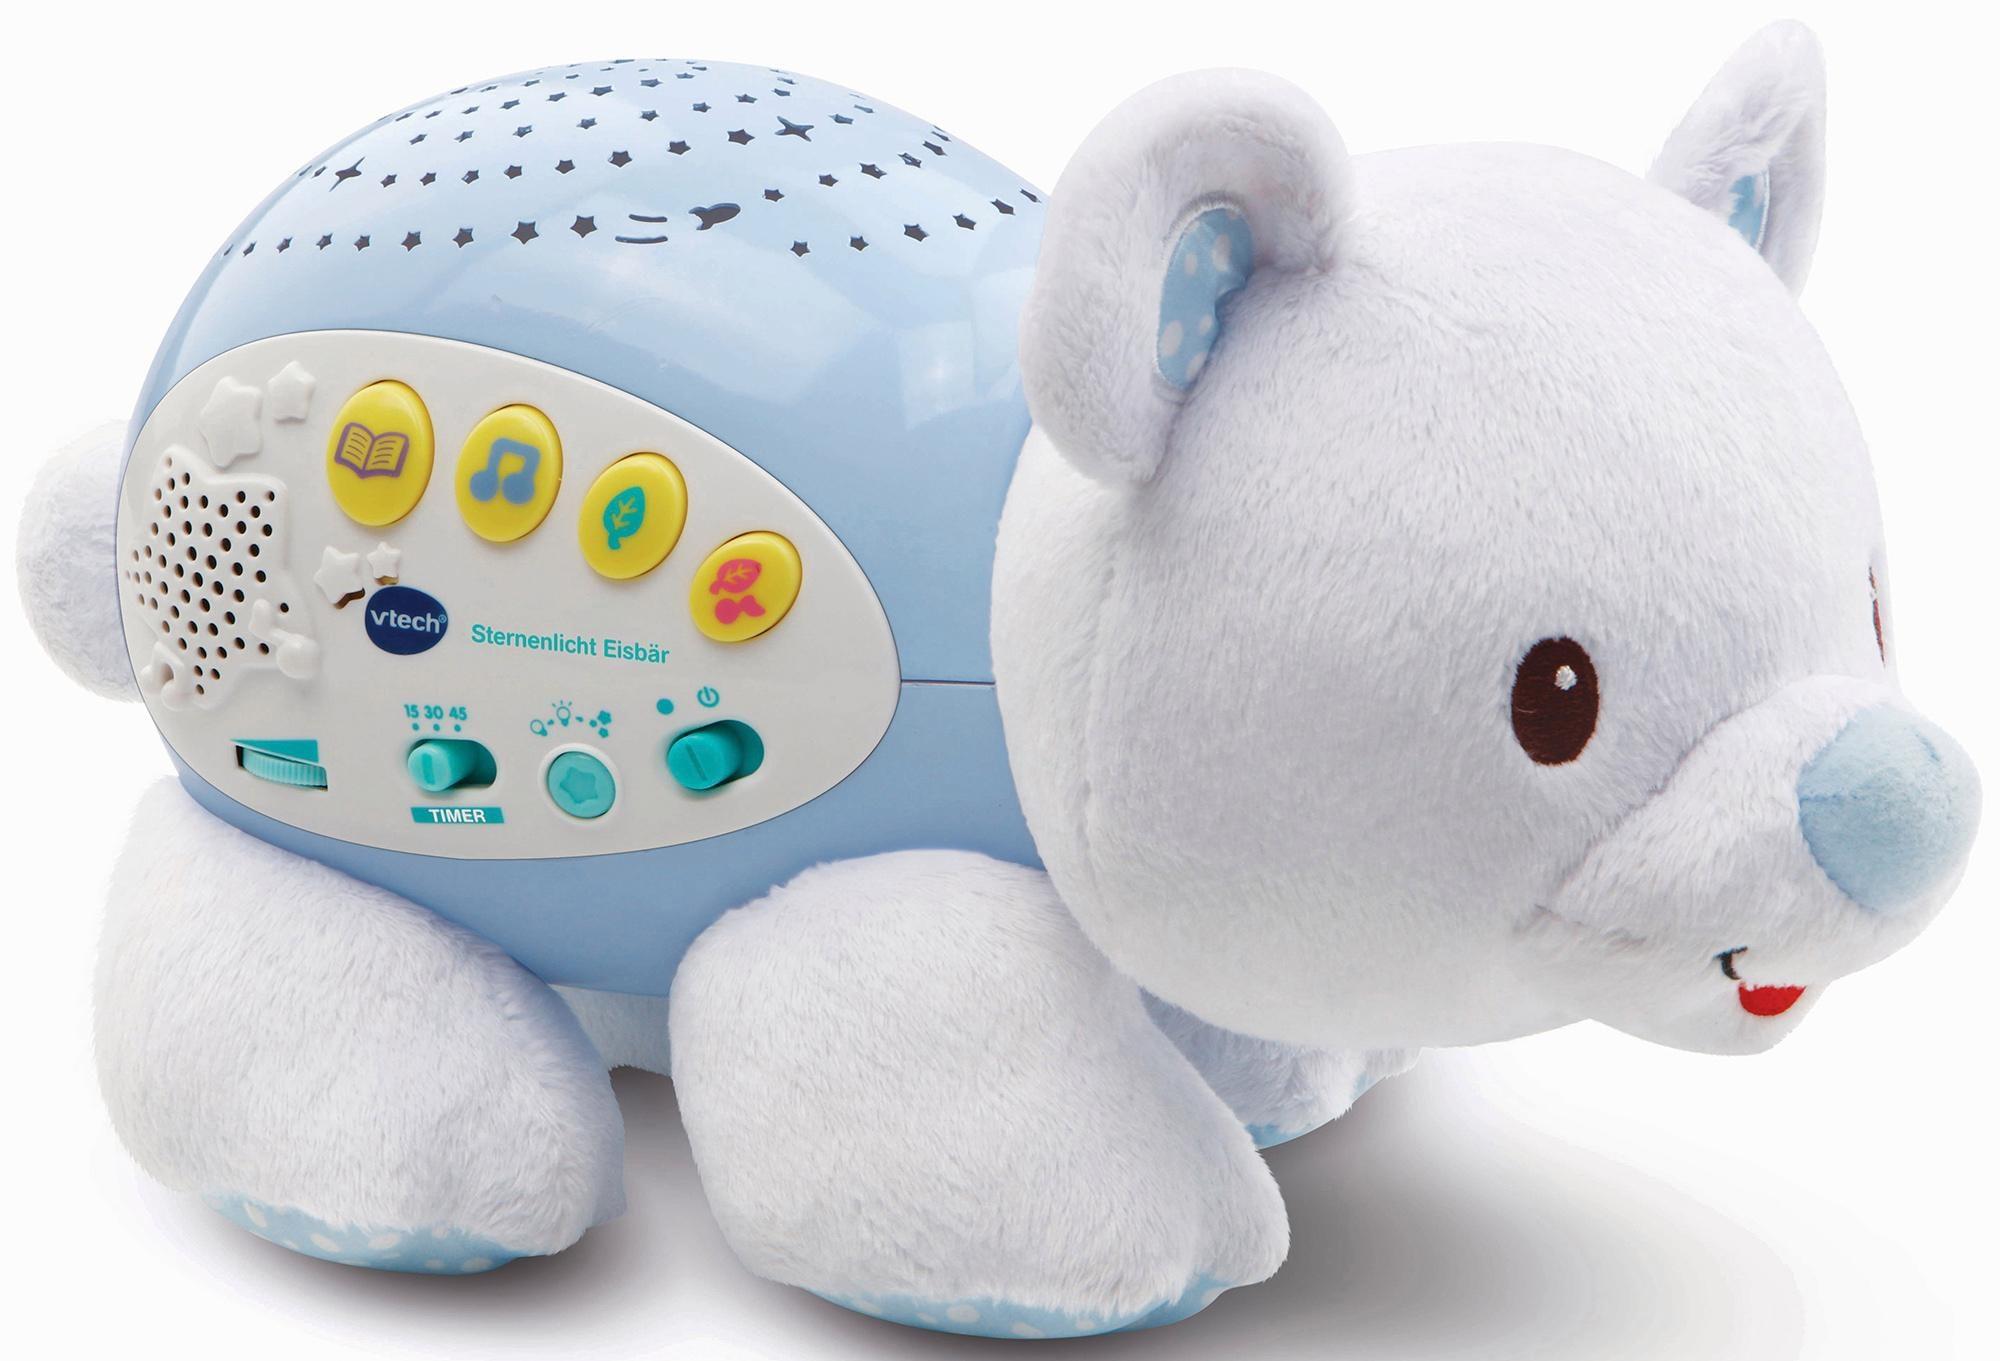 Vtech Nachtlicht Sternenlicht Eisbär Technik & Freizeit/Spielzeug/Altersempfehlung/Ab Geburt